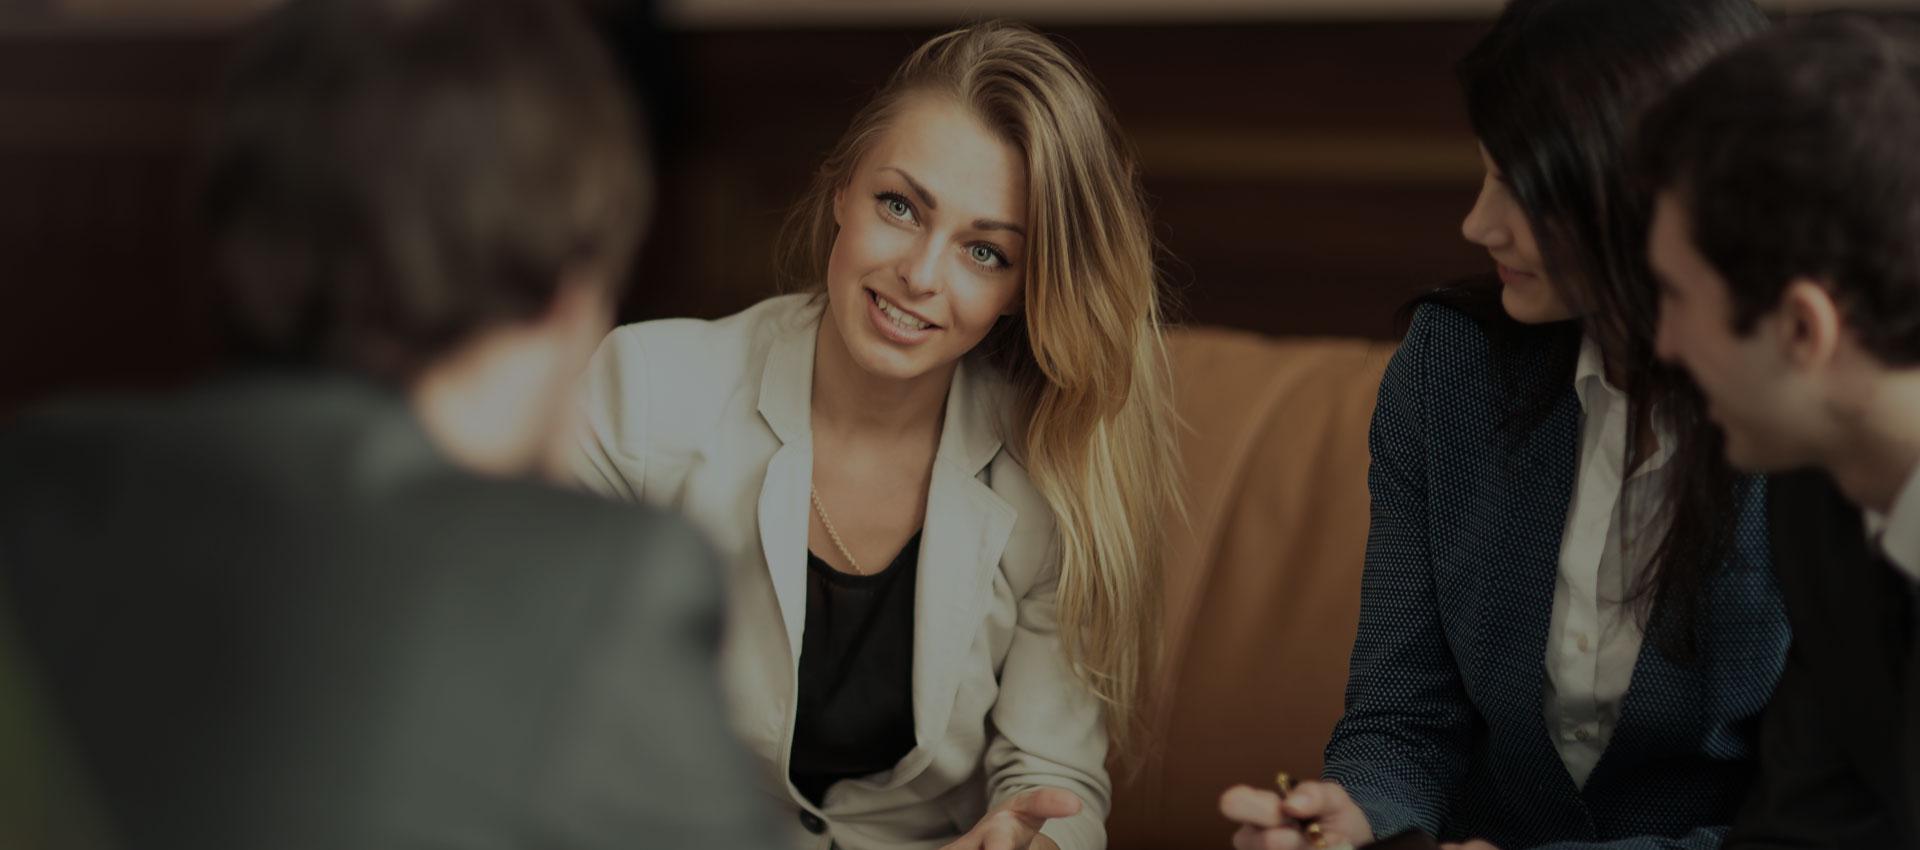 Valore donne azienda